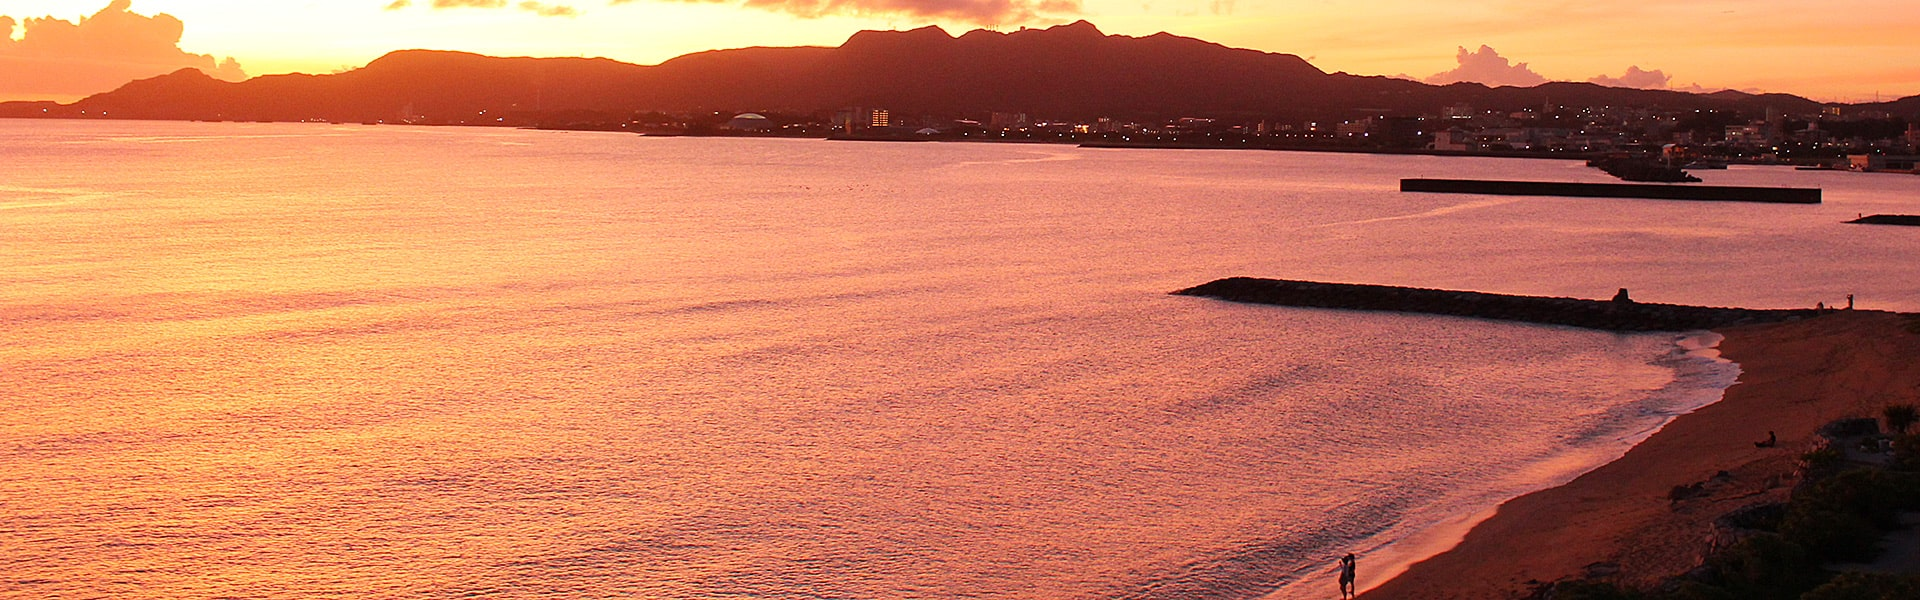 名護市の海が見えるホテル ウィークリー・マンスリー対応のホテルゲートイン名護